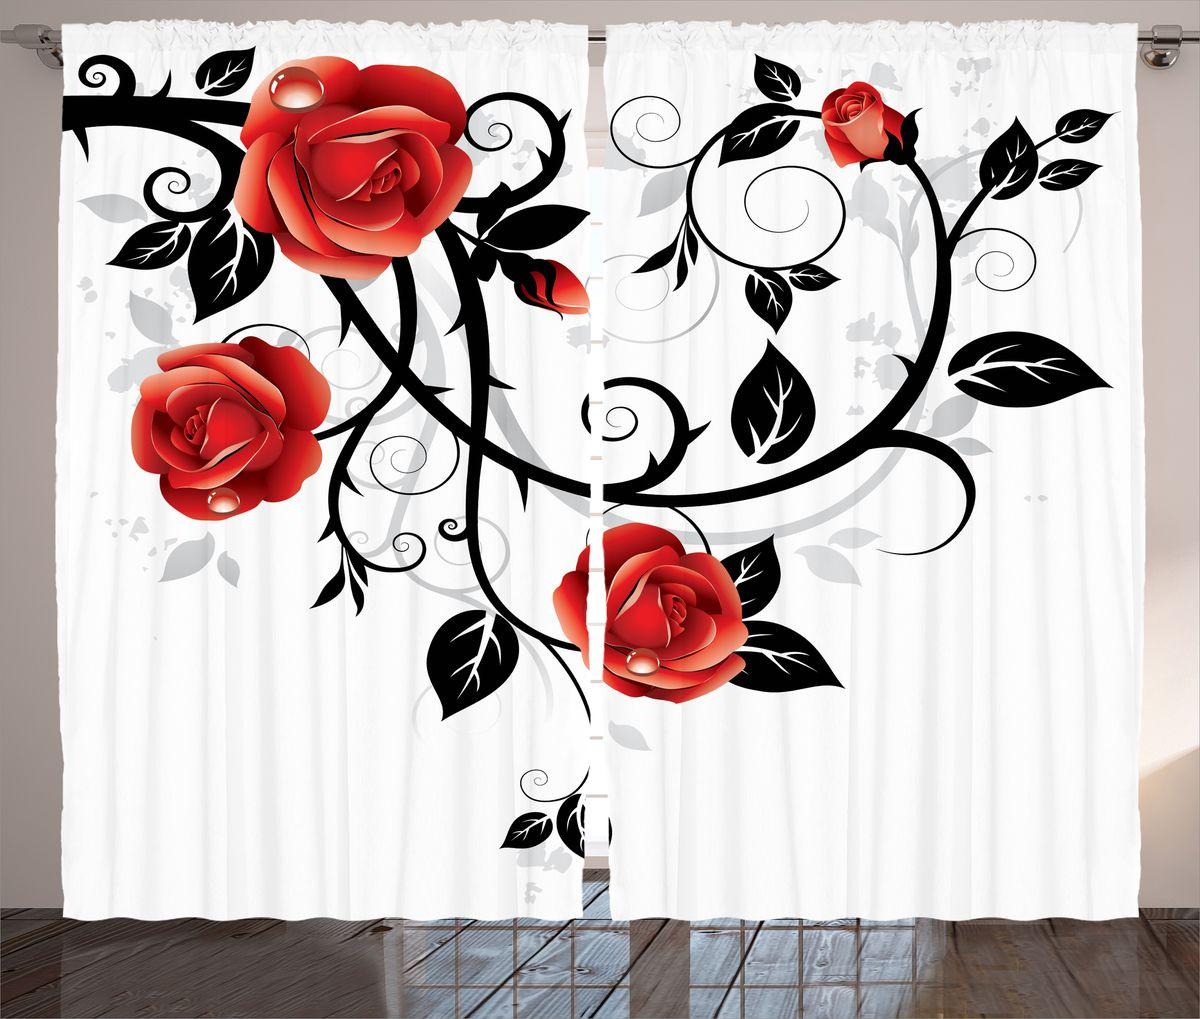 Комплект фотоштор Magic Lady Алые розы в росе, на ленте, высота 265 см. шсг_15439шсг_14548Компания Сэмболь изготавливает шторы из высококачественного сатена (полиэстер 100%). При изготовлении используются специальные гипоаллергенные чернила для прямой печати по ткани, безопасные для человека и животных. Экологичность продукции Magic lady и безопасность для окружающей среды подтверждены сертификатом Oeko-Tex Standard 100. Крепление: крючки для крепления на шторной ленте (50 шт). Возможно крепление на трубу. Внимание! При нанесении сублимационной печати на ткань технологическим методом при температуре 240°С, возможно отклонение полученных размеров (указанных на этикетке и сайте) от стандартных на + - 3-5 см. Производитель старается максимально точно передать цвета изделия на фотографиях, однако искажения неизбежны и фактический цвет изделия может отличаться от воспринимаемого по фото. Обратите внимание! Шторы изготовлены из полиэстра сатенового переплетения, а не из сатина (хлопок). Размер одного полотна шторы: 145х265 см. В комплекте 2 полотна шторы и 50 крючков.